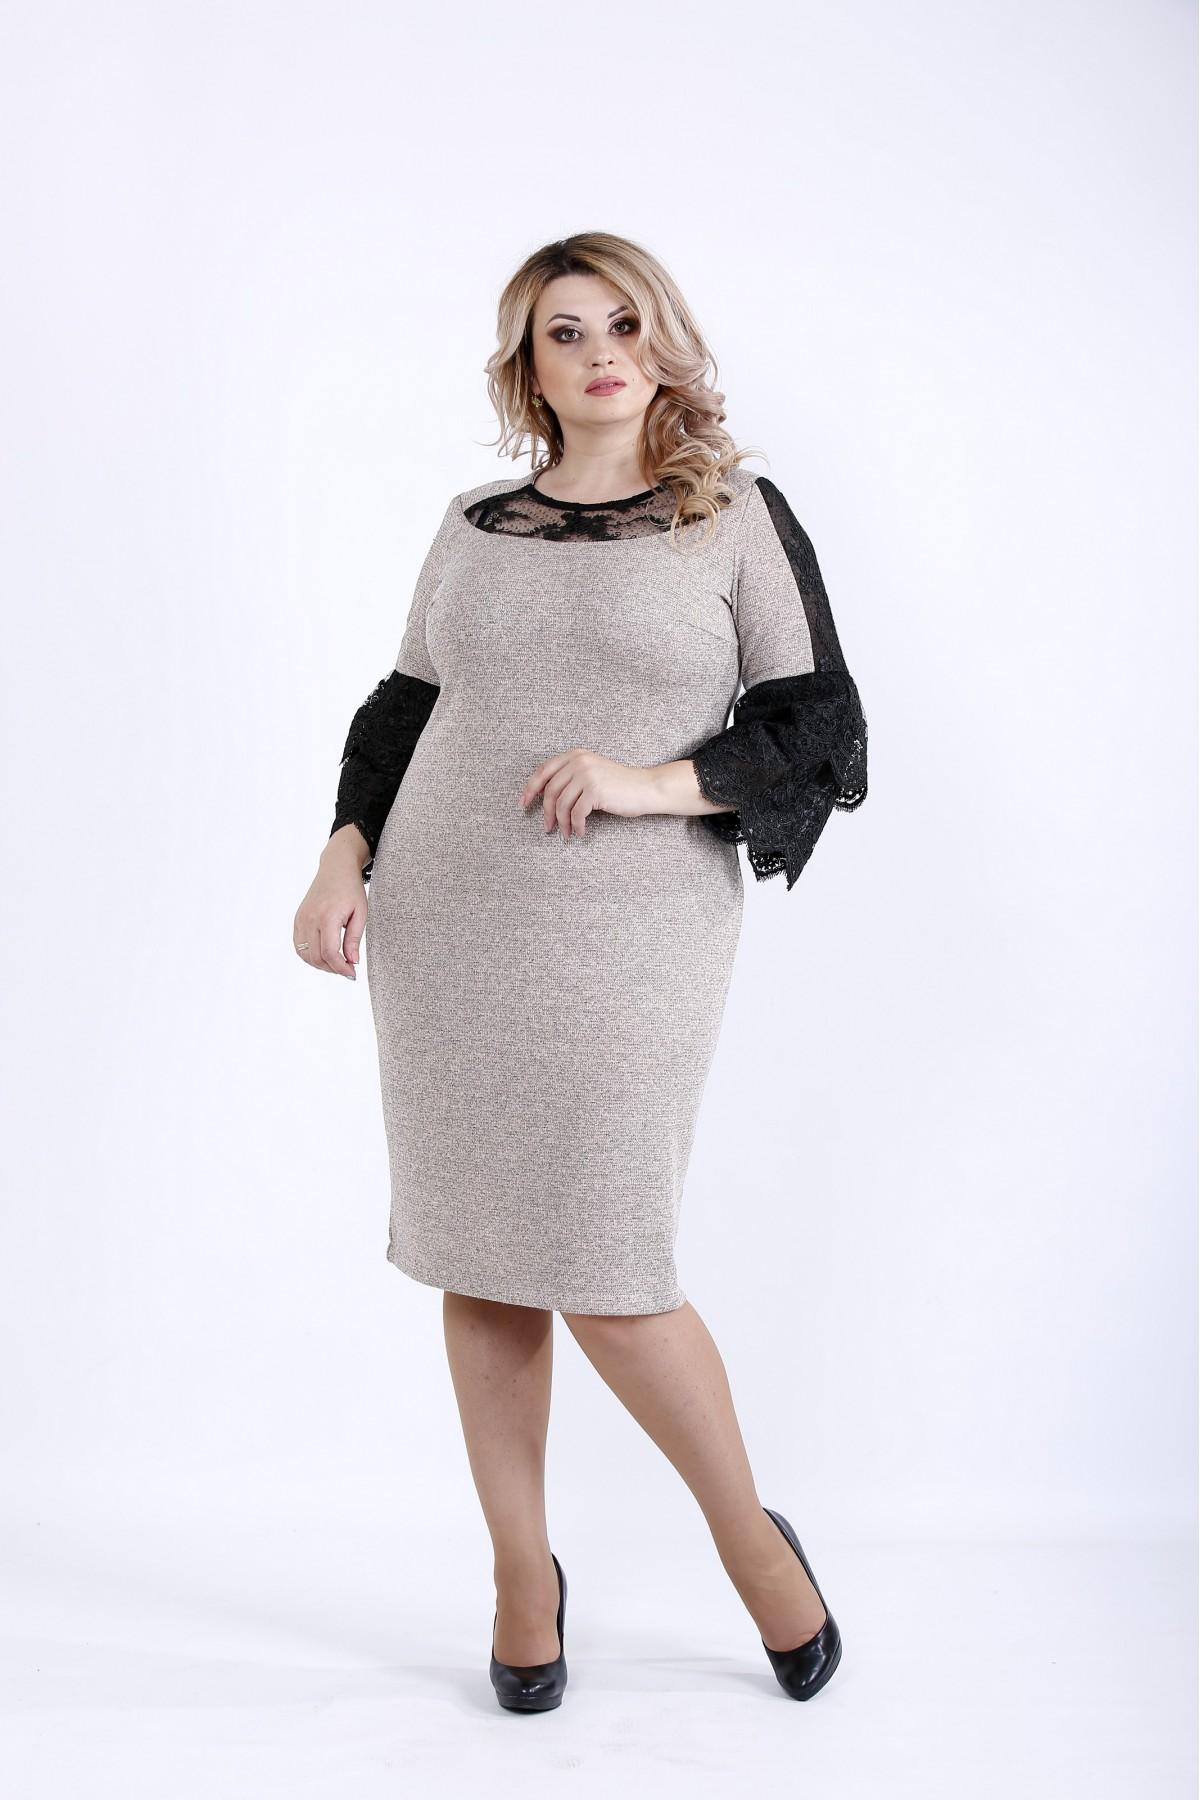 0901-3 | Светлое платье с темными вставками из гипюра